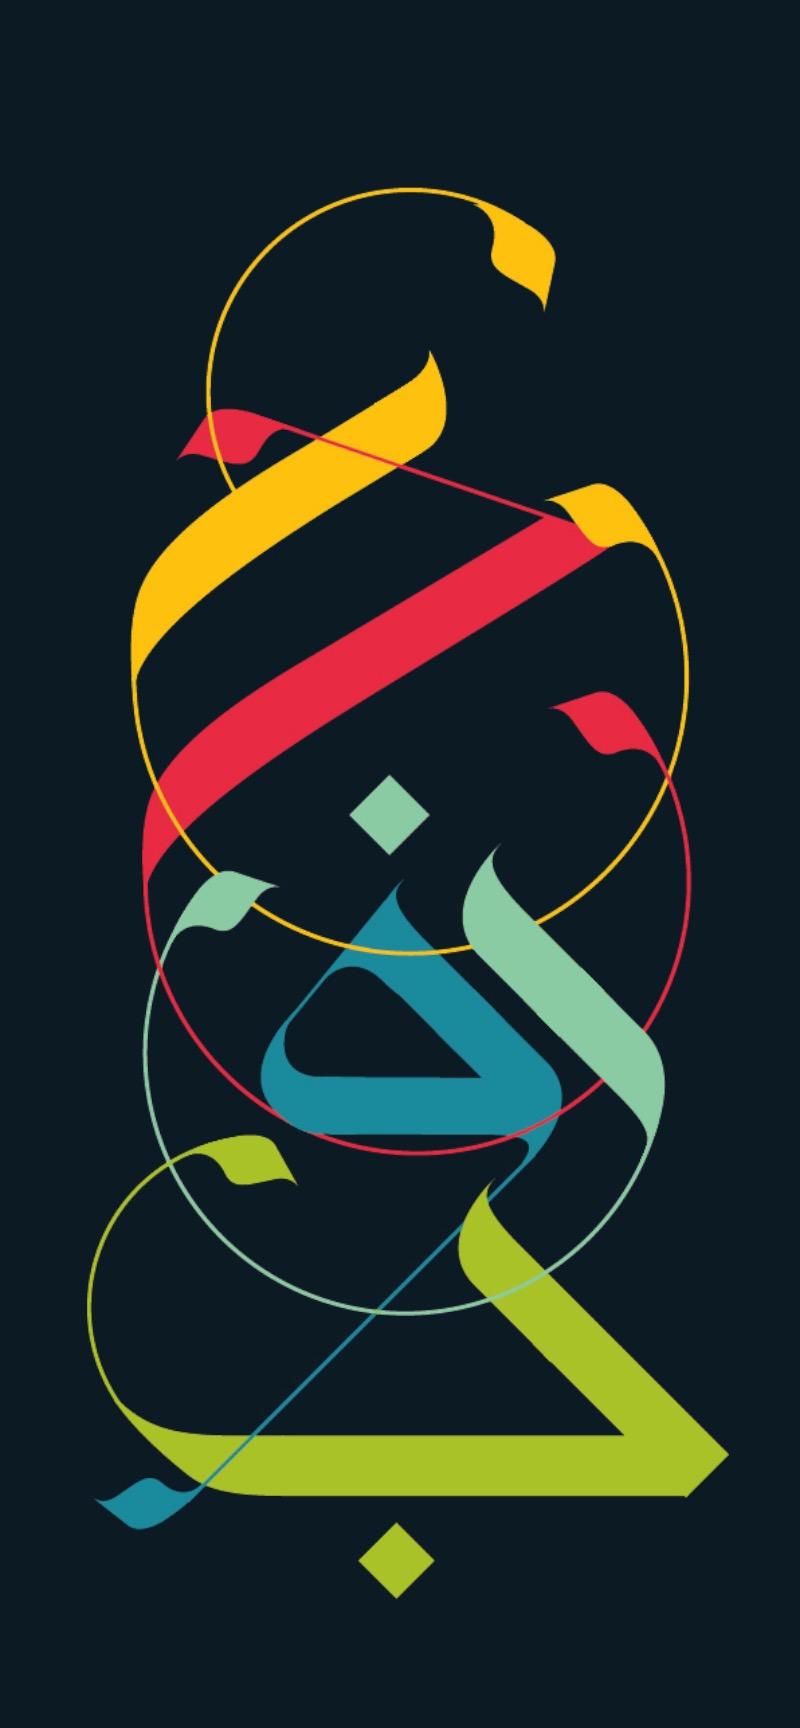 Ruh Al-Alam é um artista e designer britânico, especializado em caligrafia árabe, tipografia e branding. Ele, que formou na Central St. Martins College of Art & Design, acabou abrindo seu próprio estúdio depois de terminar seu aprendizado sobre caligrafia árabe no Egito.